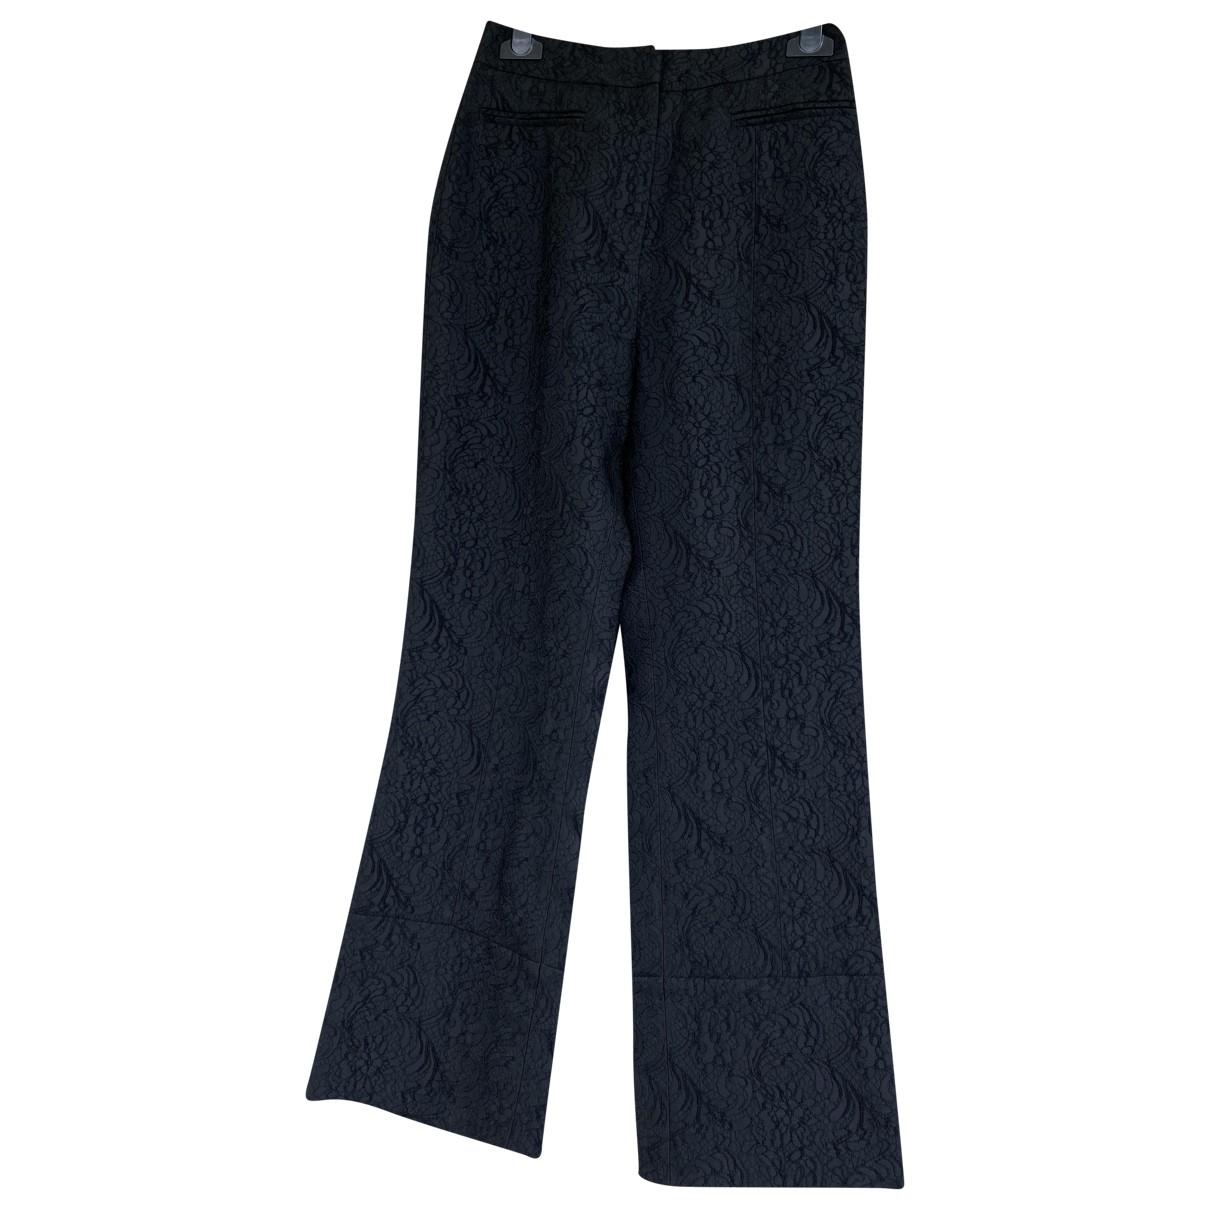 Erdem \N Black Trousers for Women 8 UK